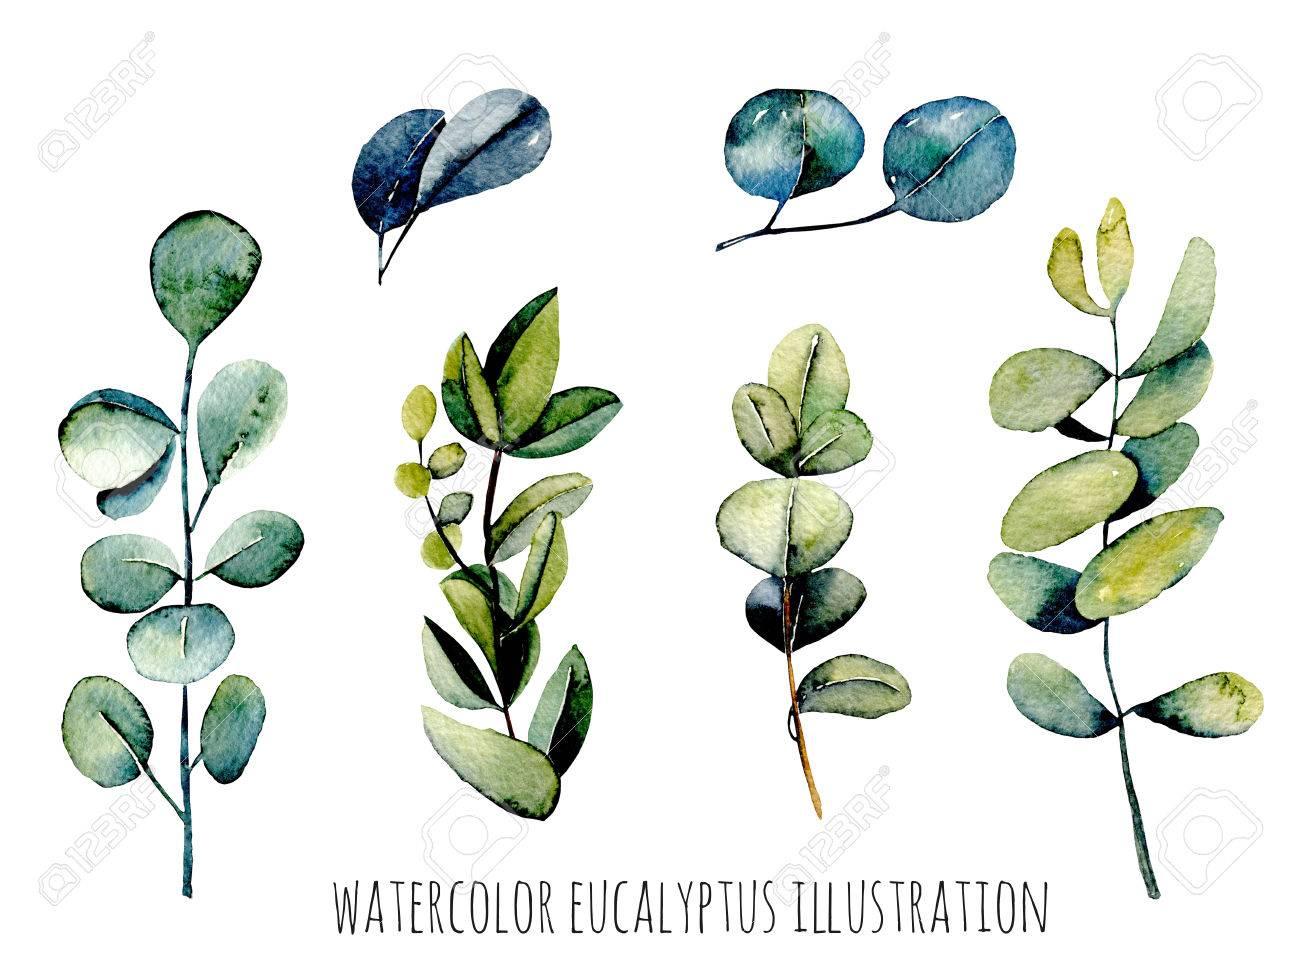 ensemble d'illustration aquarelle de branches d'eucalyptus, dessinés